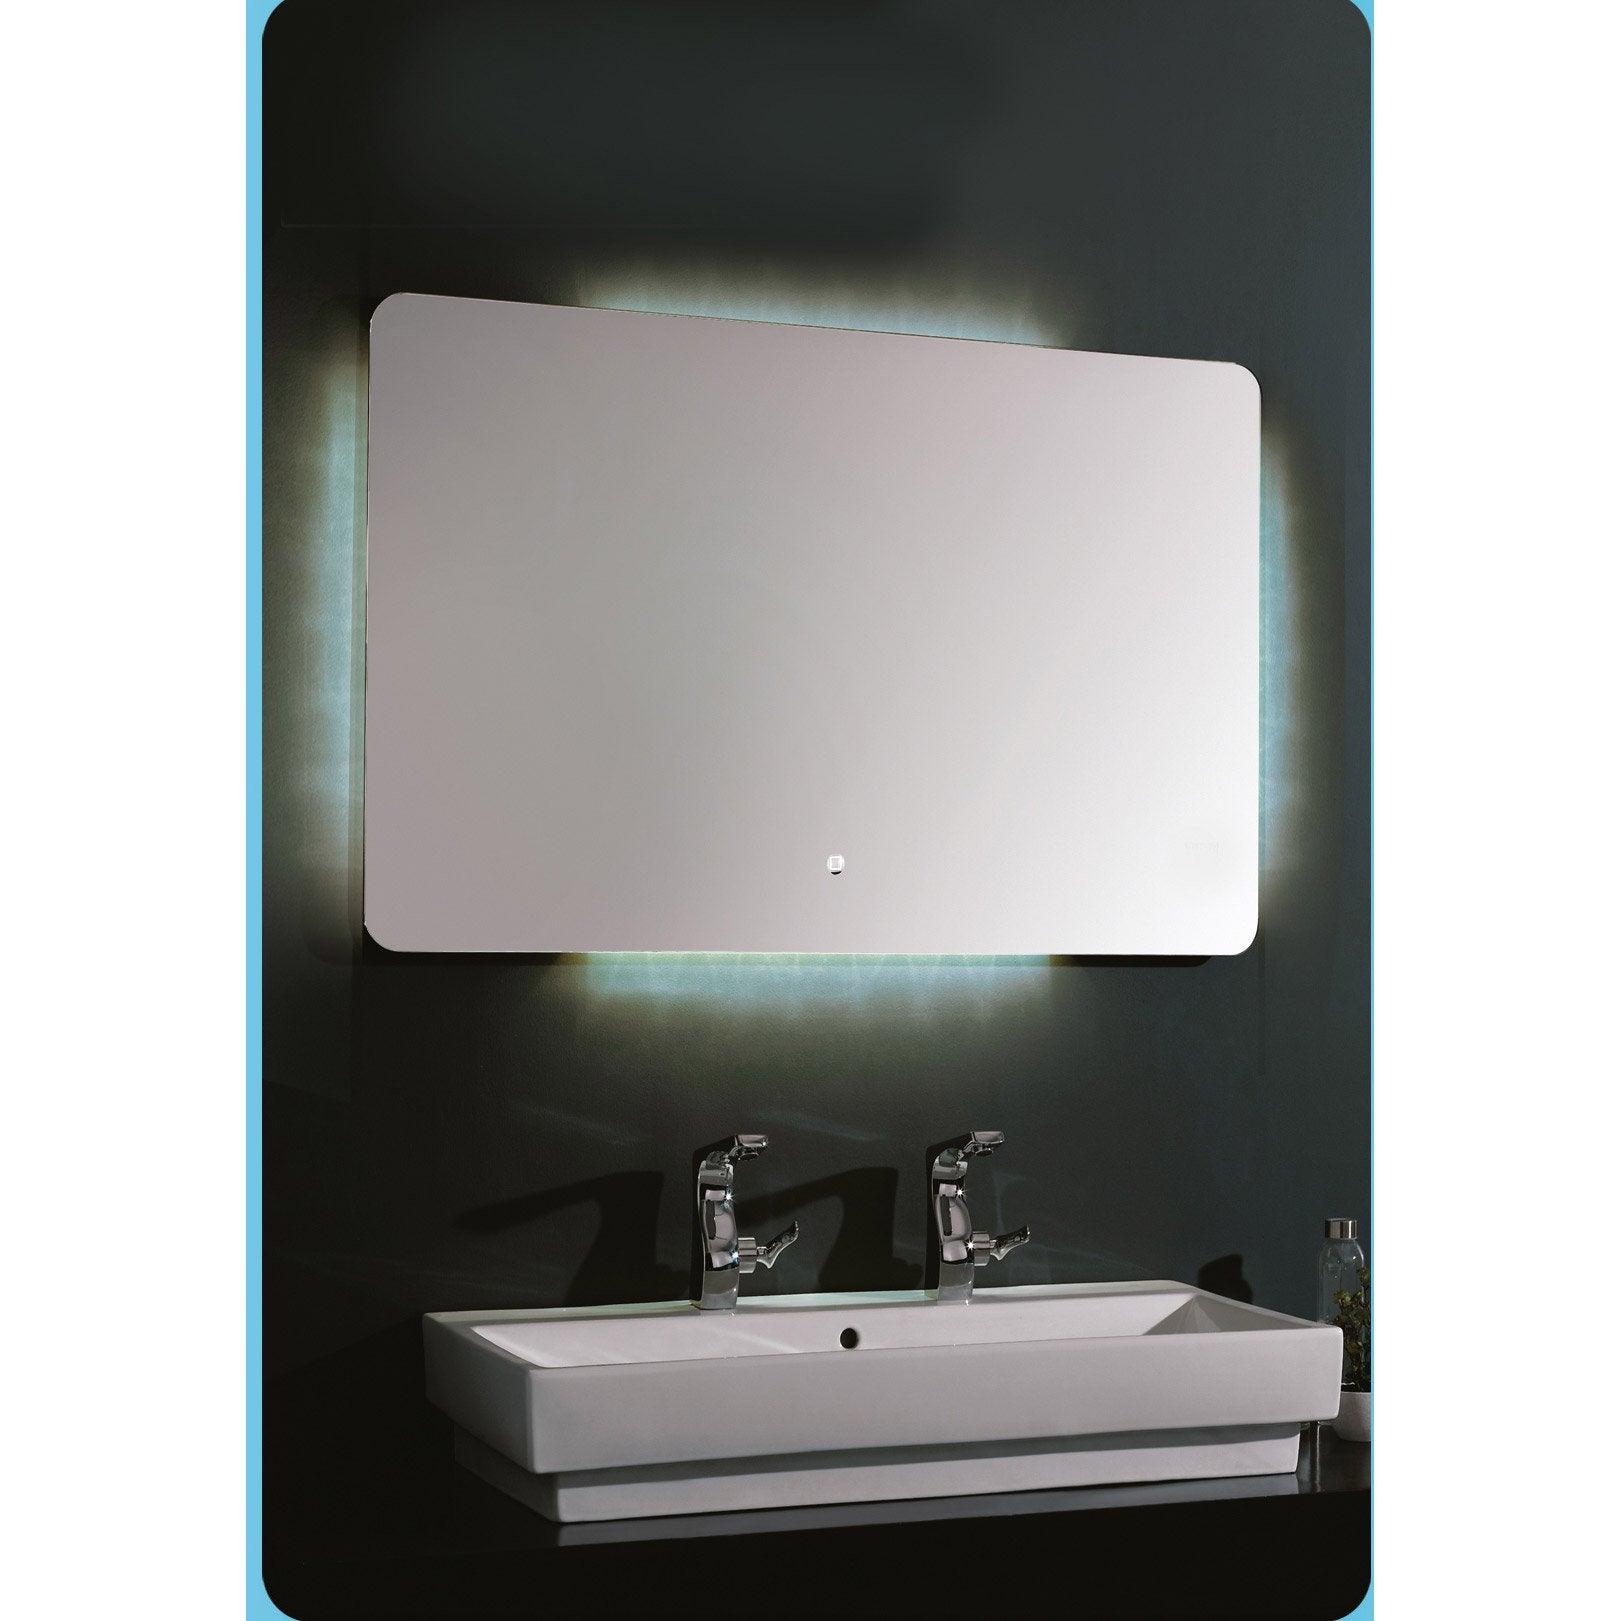 Miroir Salle De Bain 120 Cm miroir avec éclairage intégré, l.120 x h.80 cm silver moon